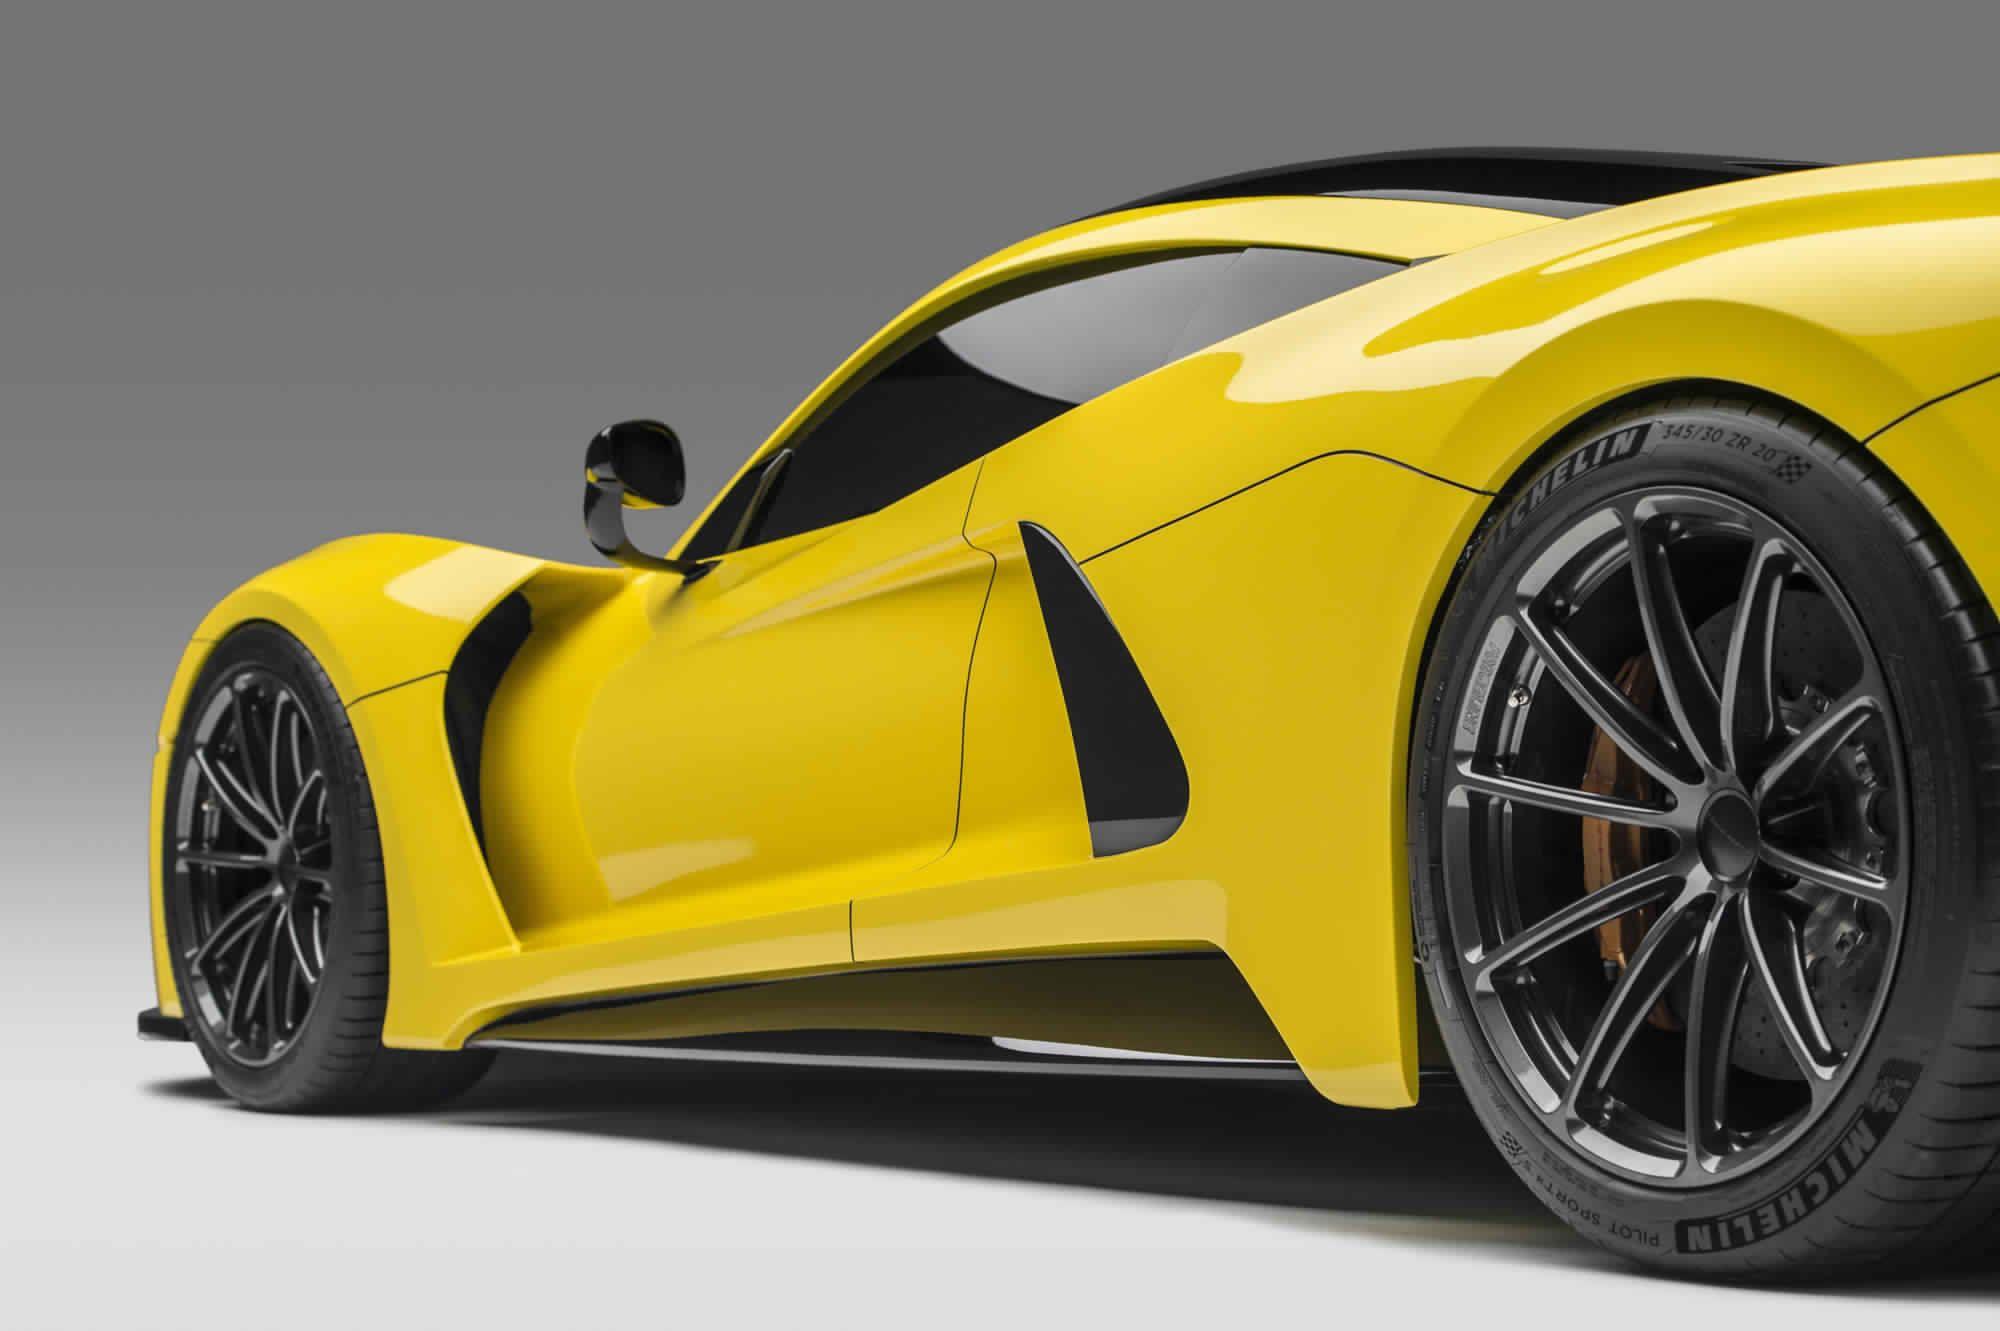 هينيسي فينوم جي تي اسرع سيارة تجارية على كوكب الارض Hennessey Vnom F5 مجلة وش سلندر Hennessey Hennessey Venom Gt Yellow Car